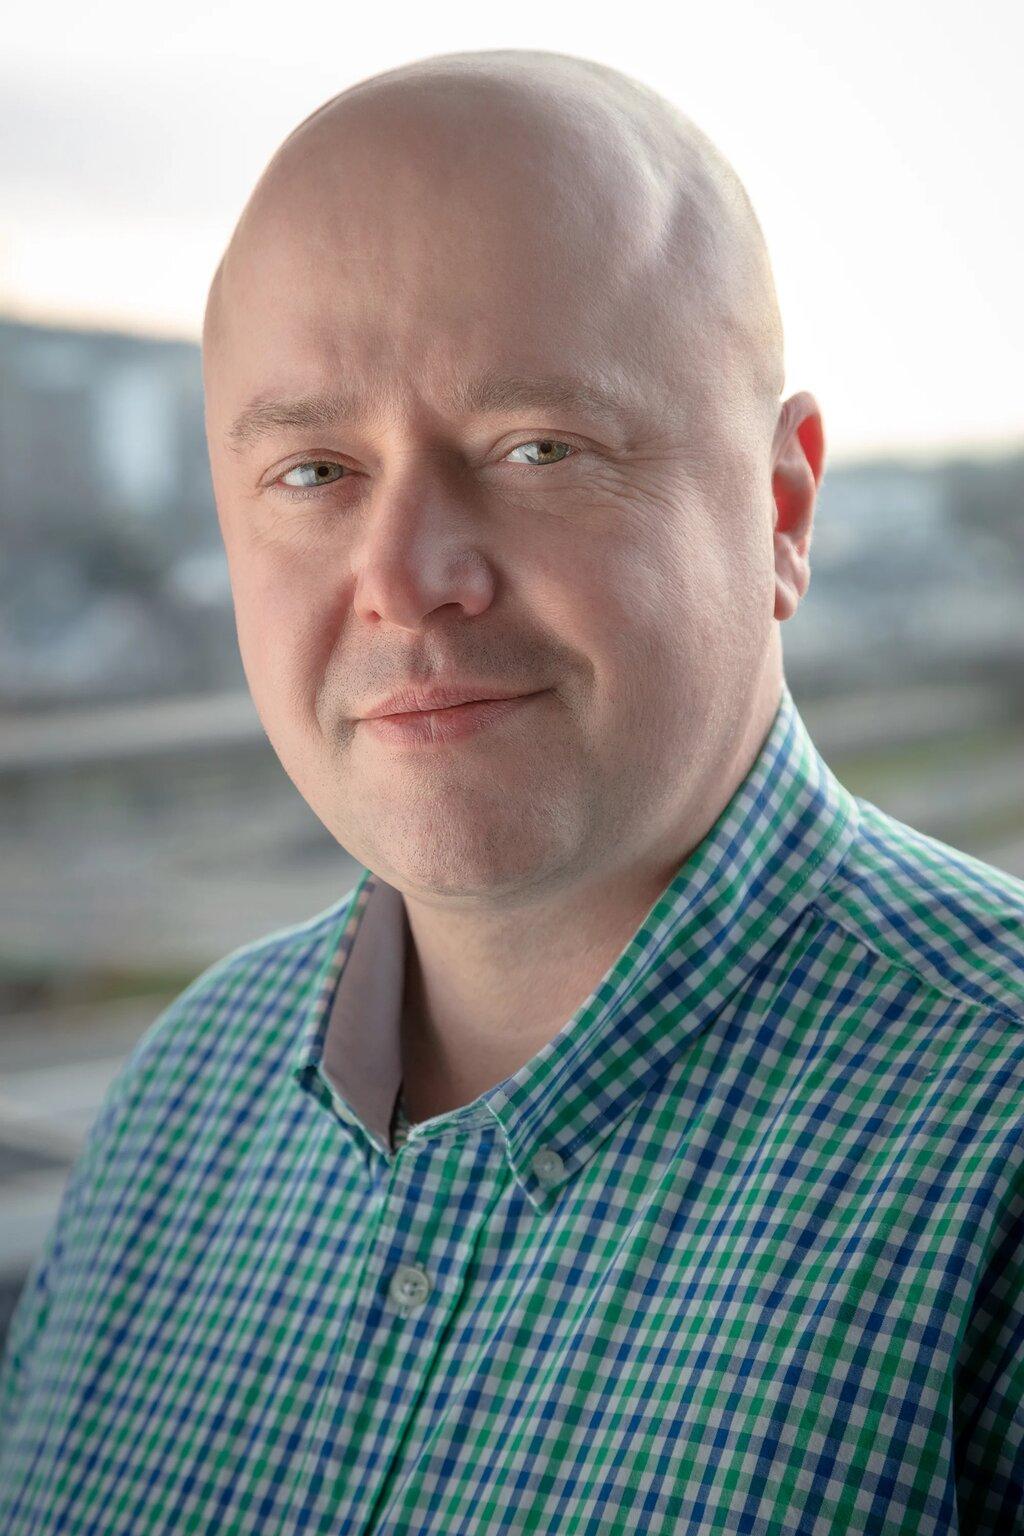 Adam Braumberger